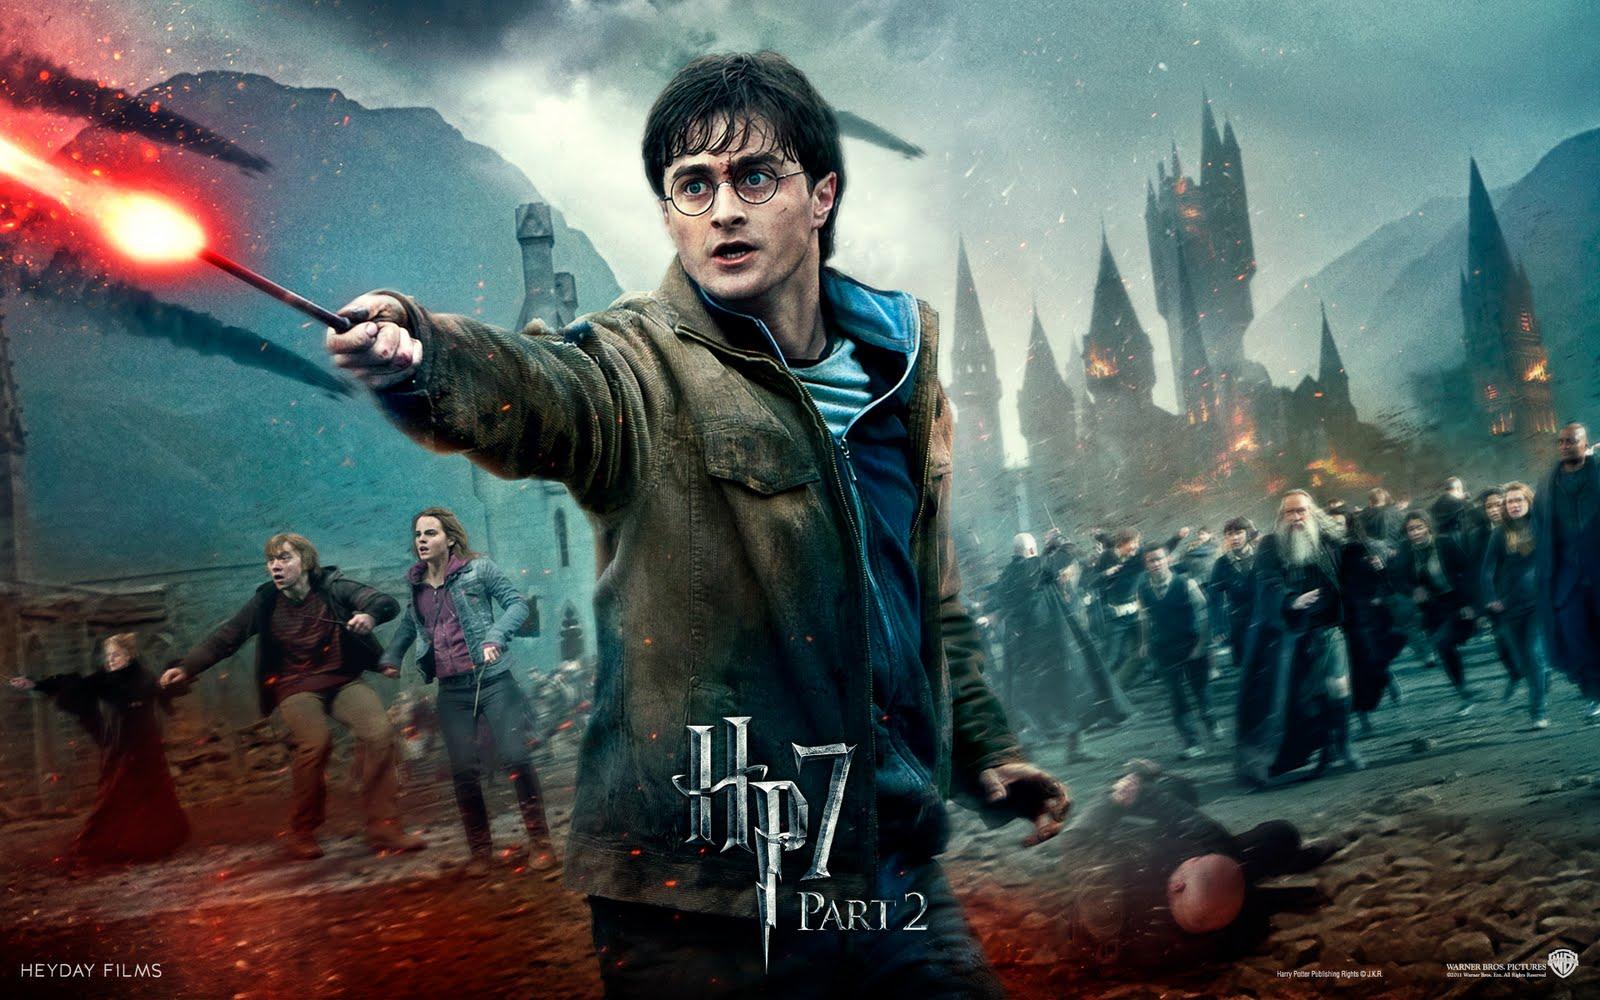 http://2.bp.blogspot.com/-4AU2egMwJTk/Th0N6vgervI/AAAAAAAAARA/LfeiCwEI0g4/s1600/Harry-Potter-and-The-Deathly-Hallows-Part-2-Wallpapers-3.jpg